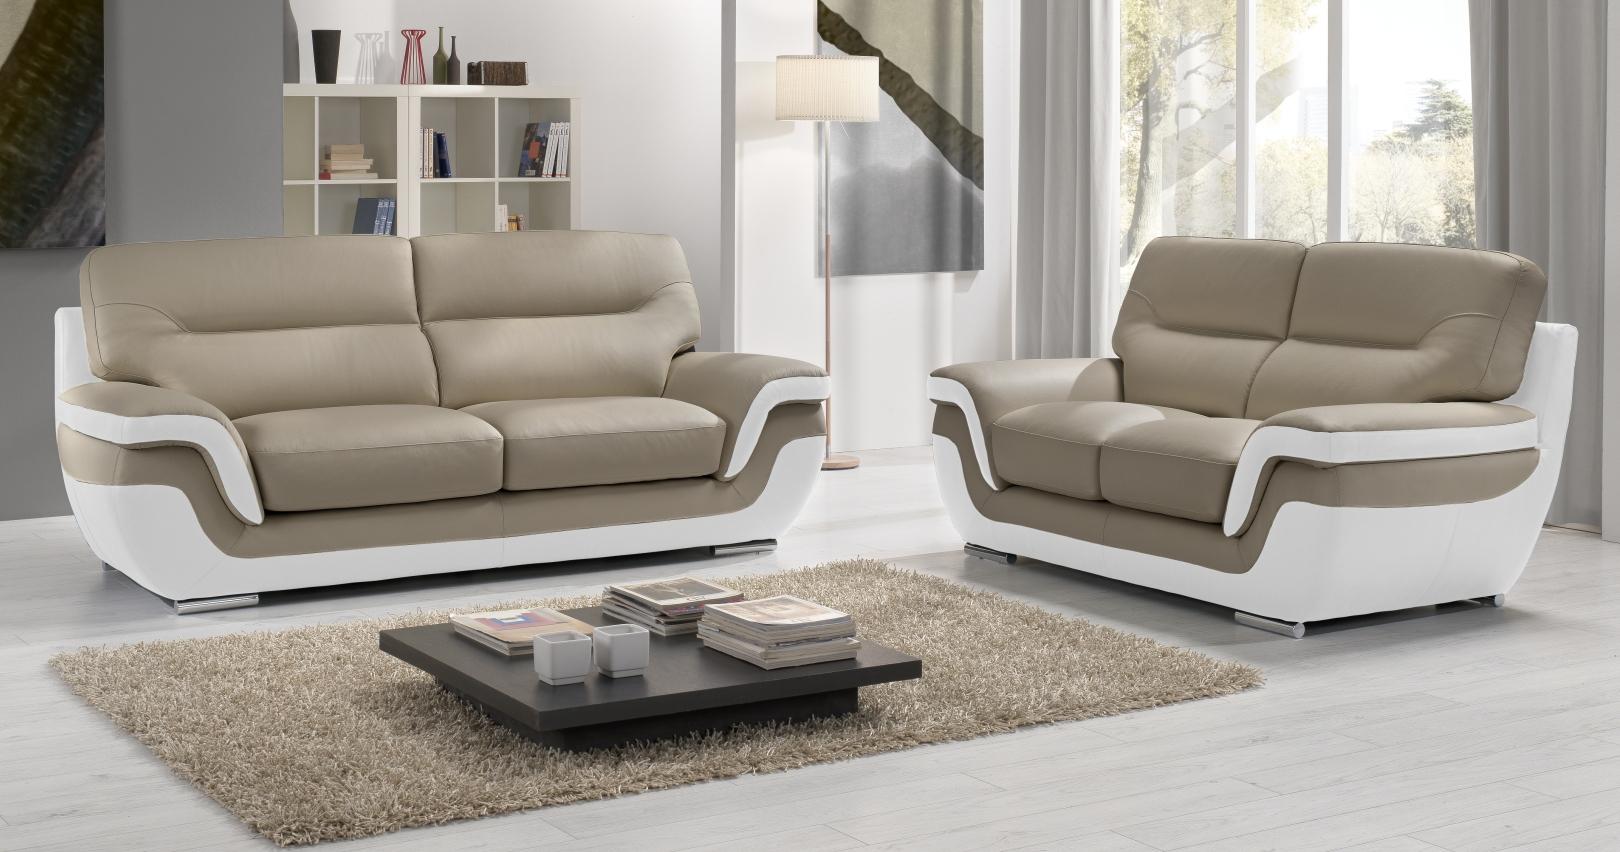 canapé RODRIGUE Salon 3 2 Cuir Design